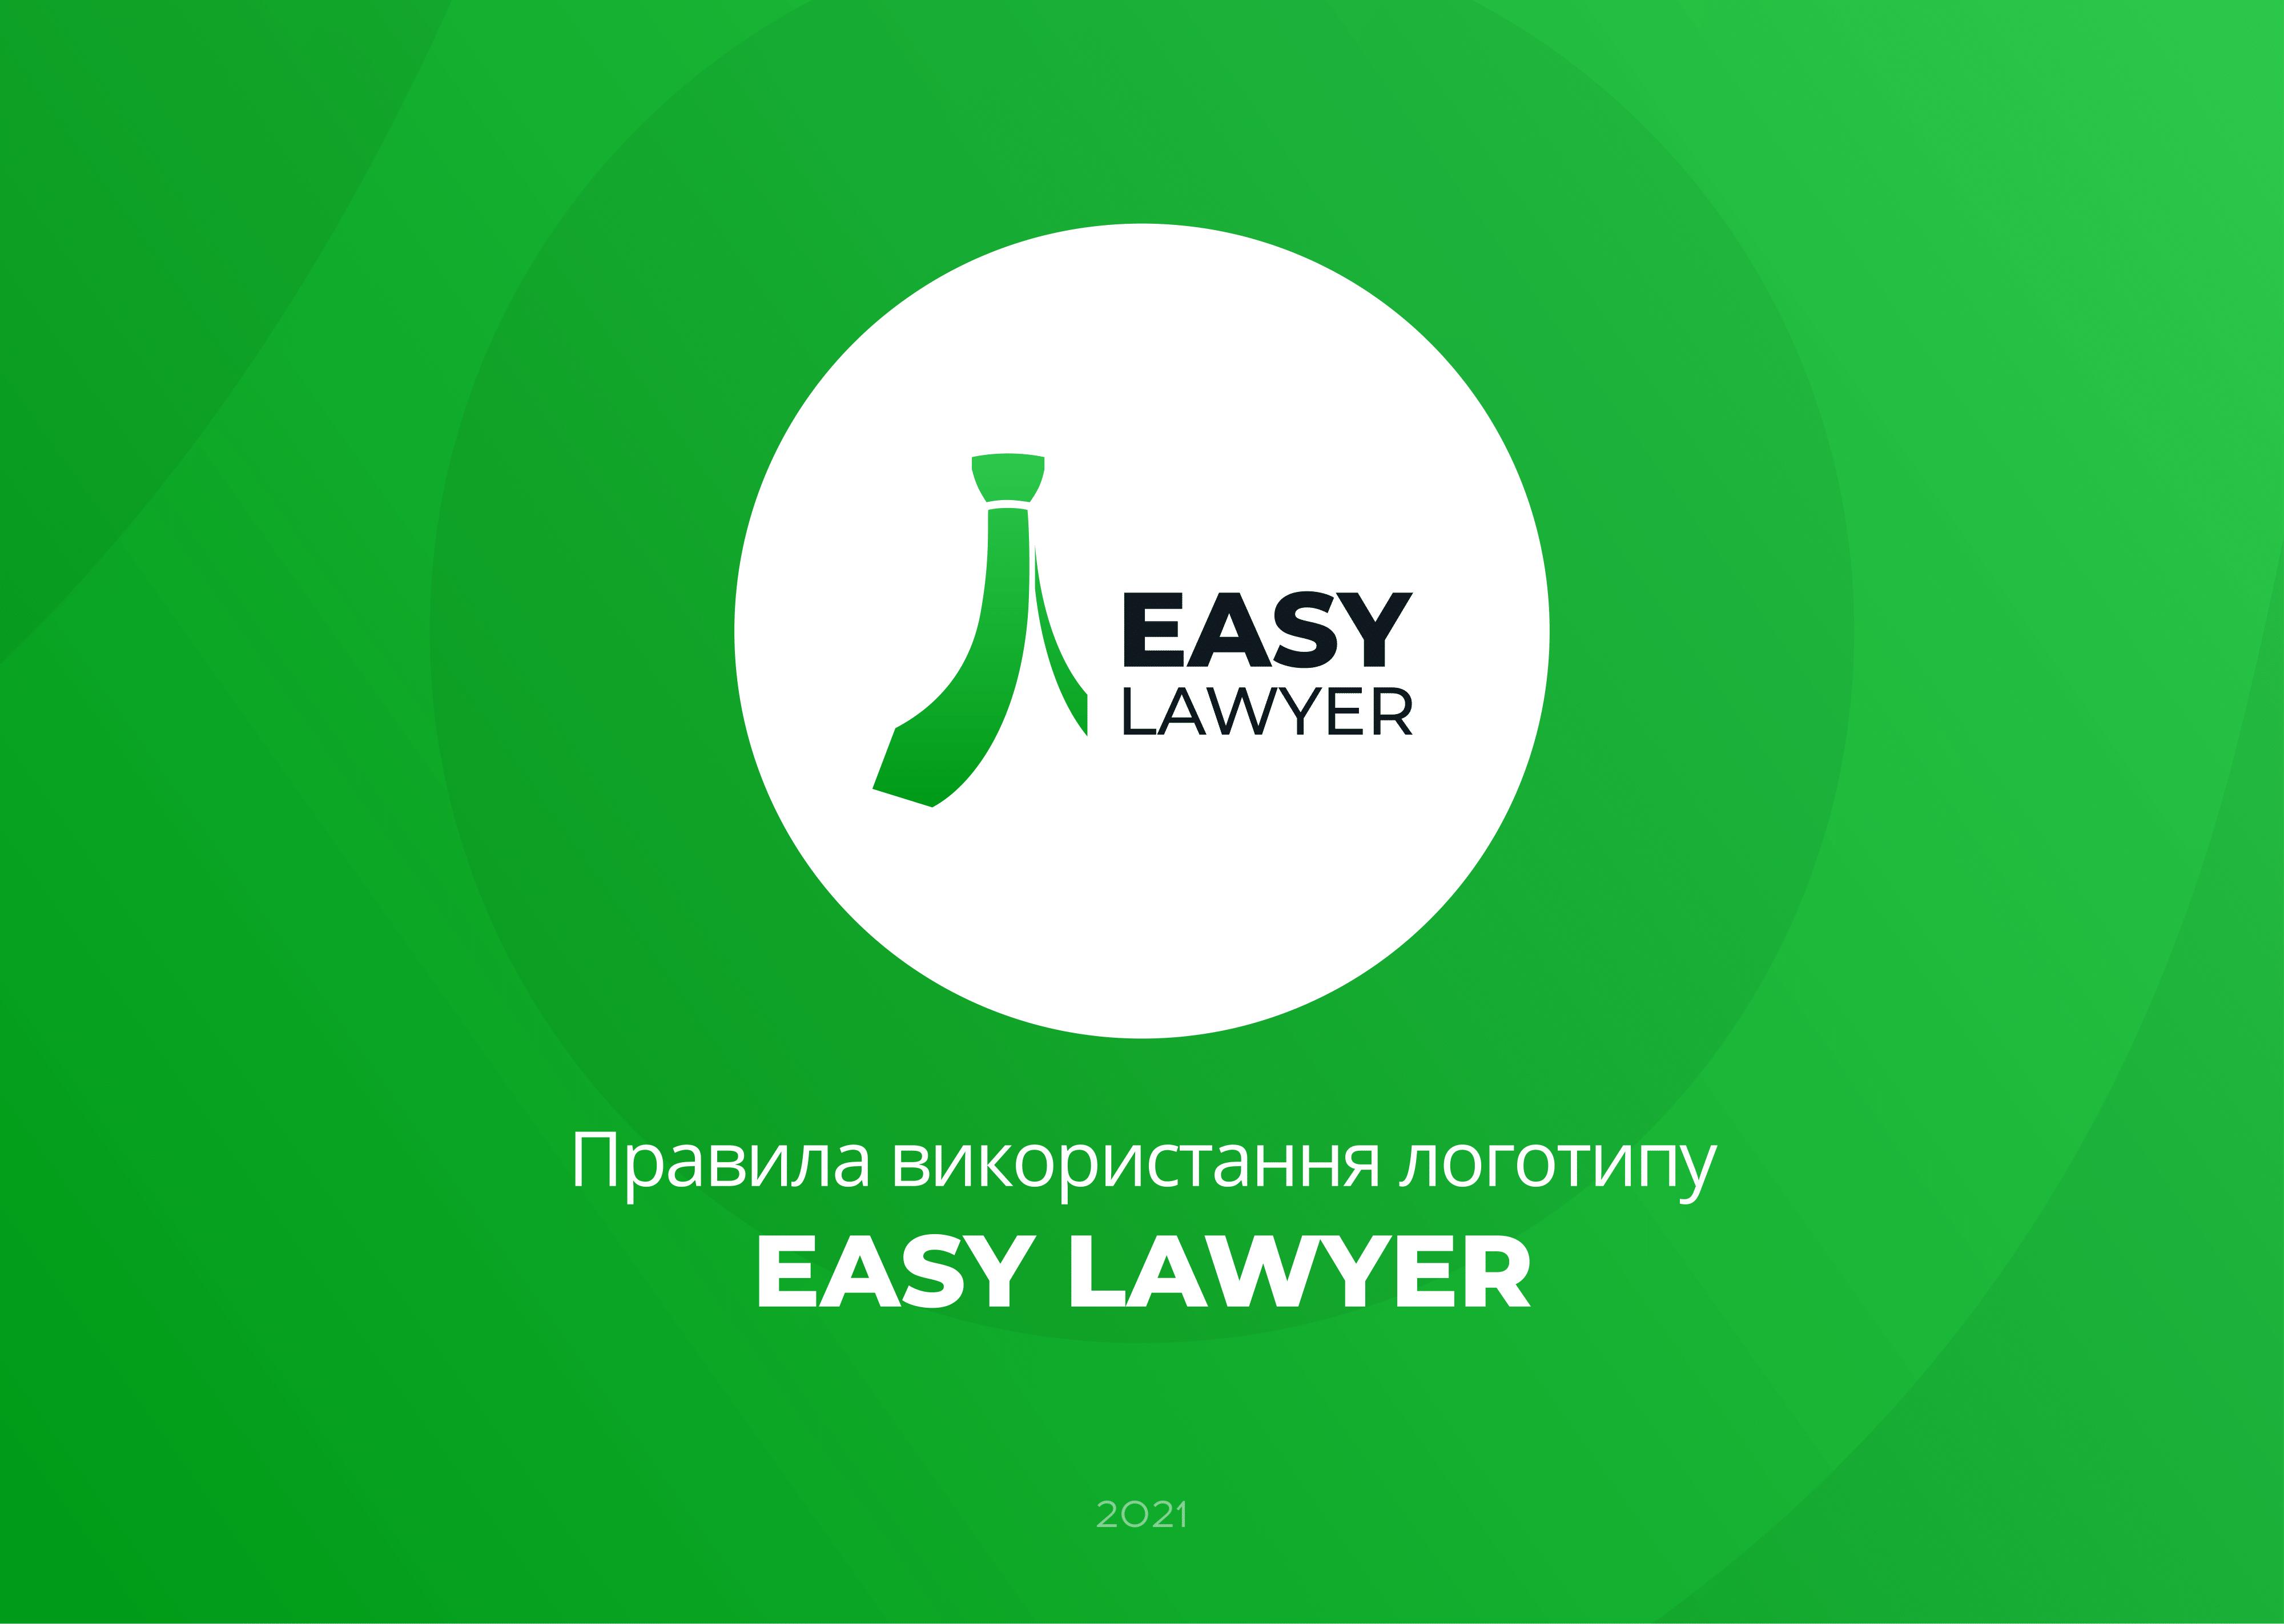 Easy Lawyer (Logobook)-01